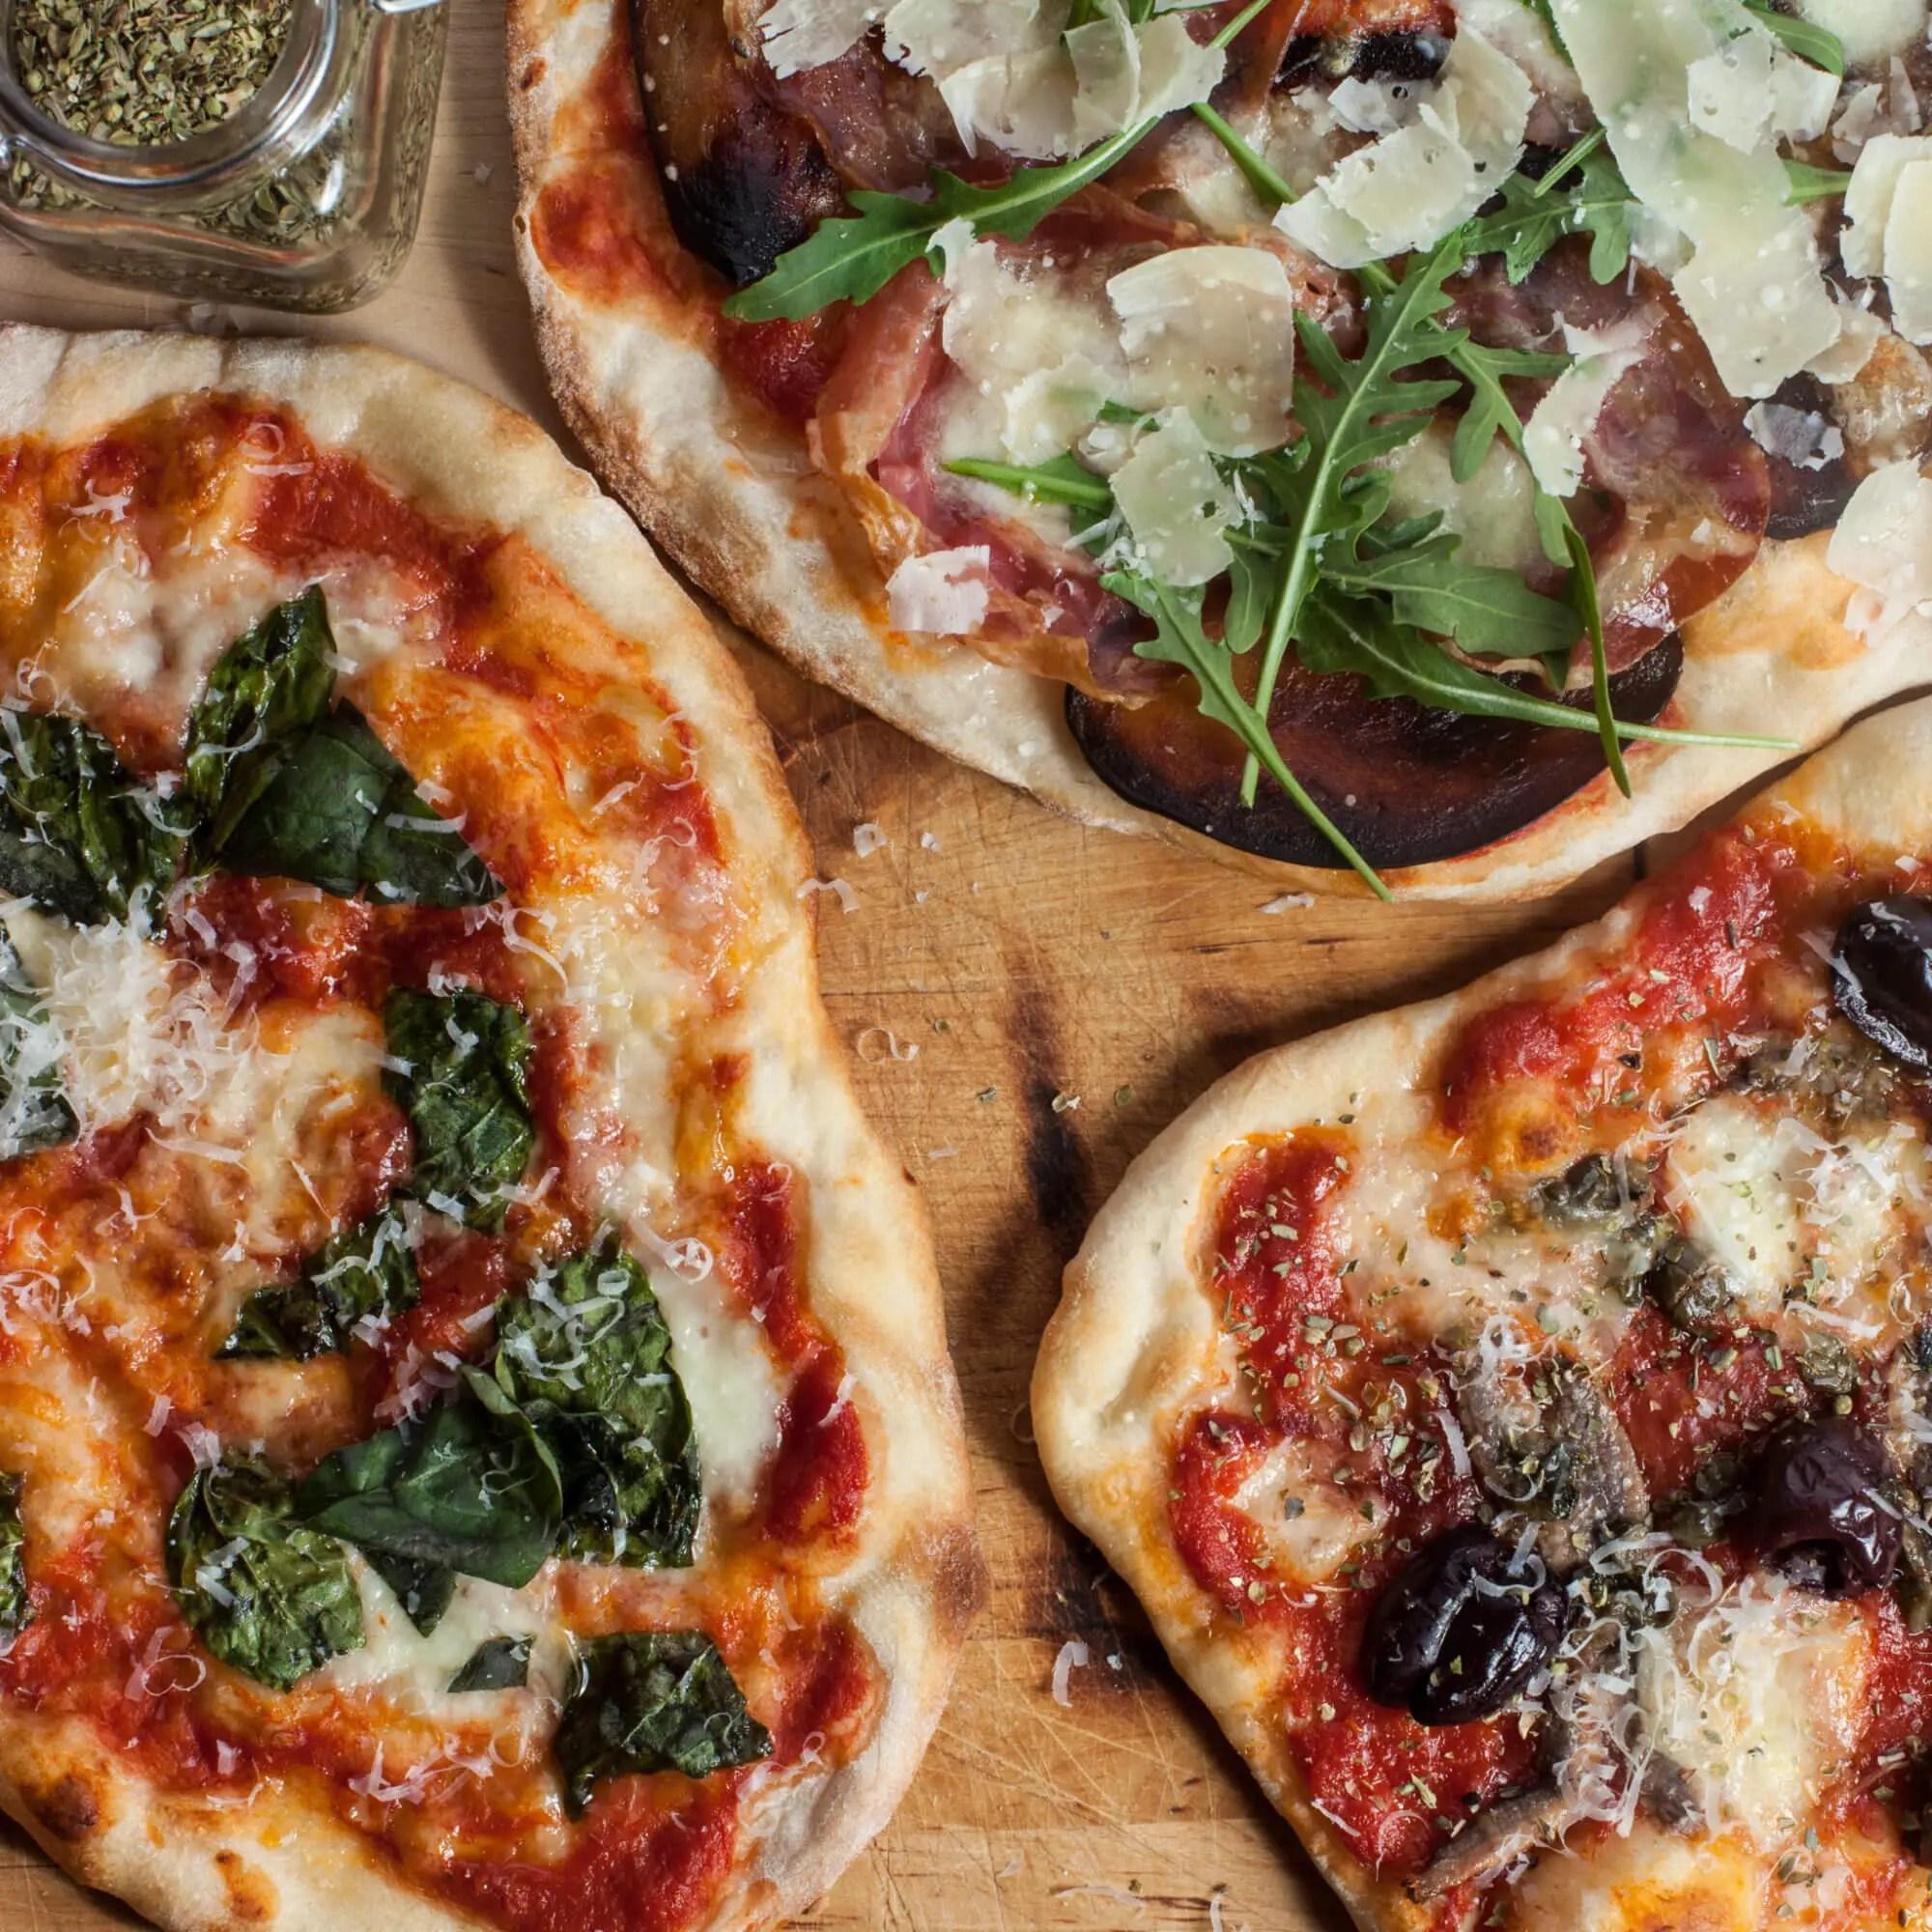 perfekt hjemmelavet pizza opskrift i din almindelige ovn